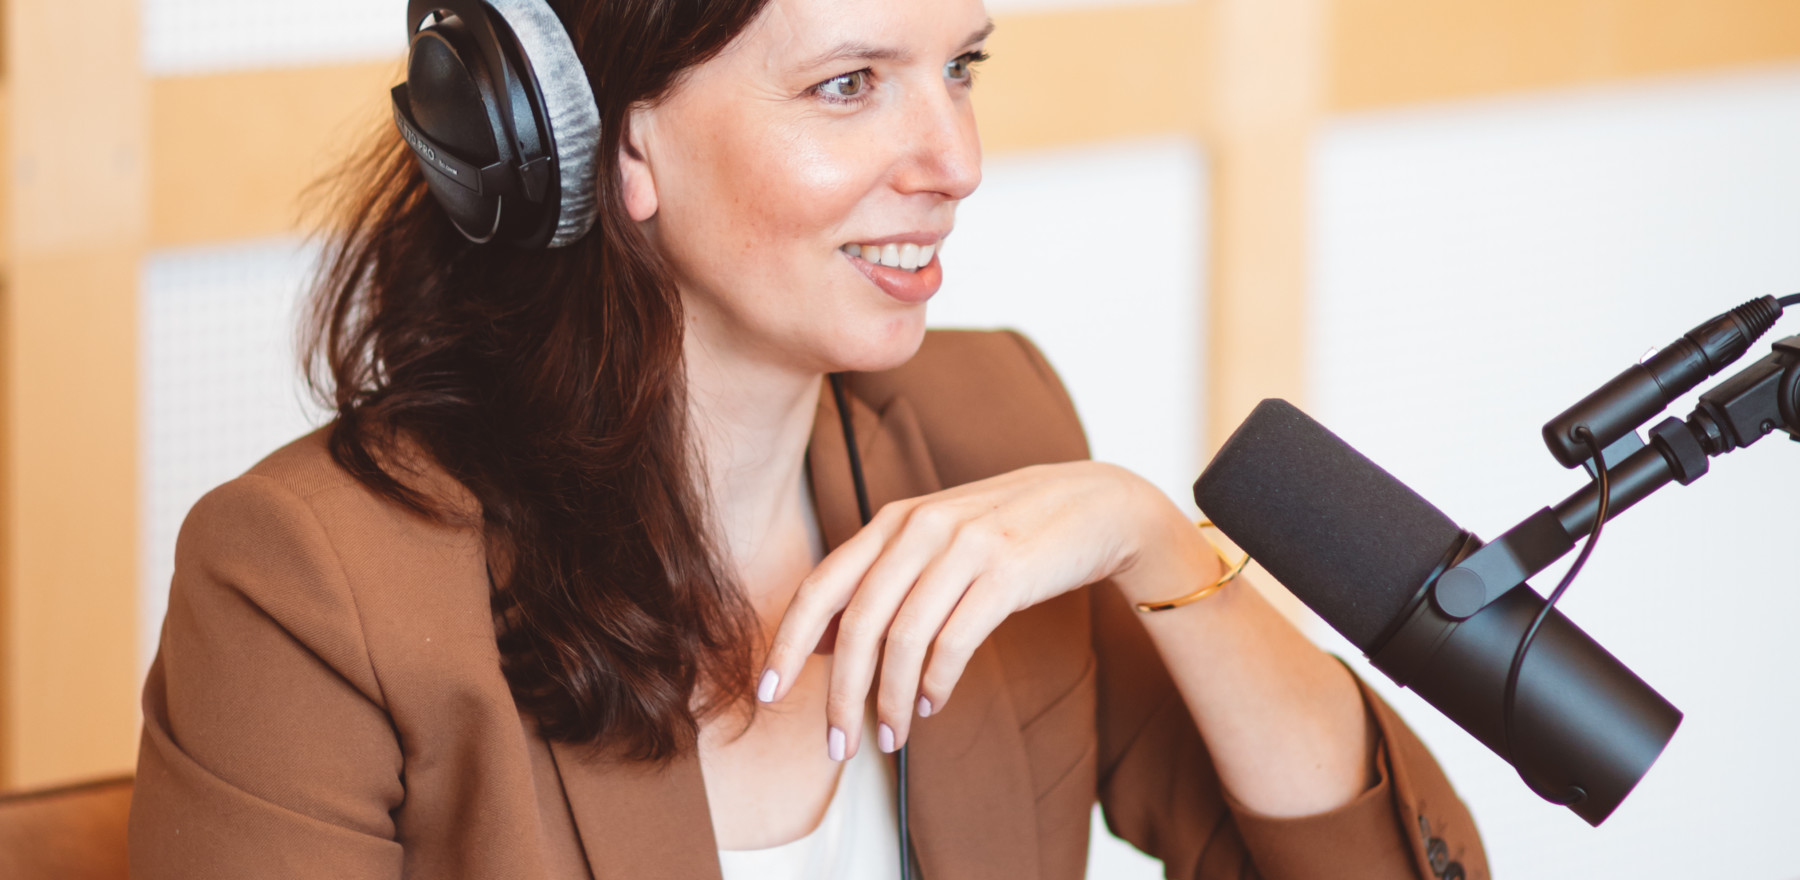 Podcast: Kim Heinen